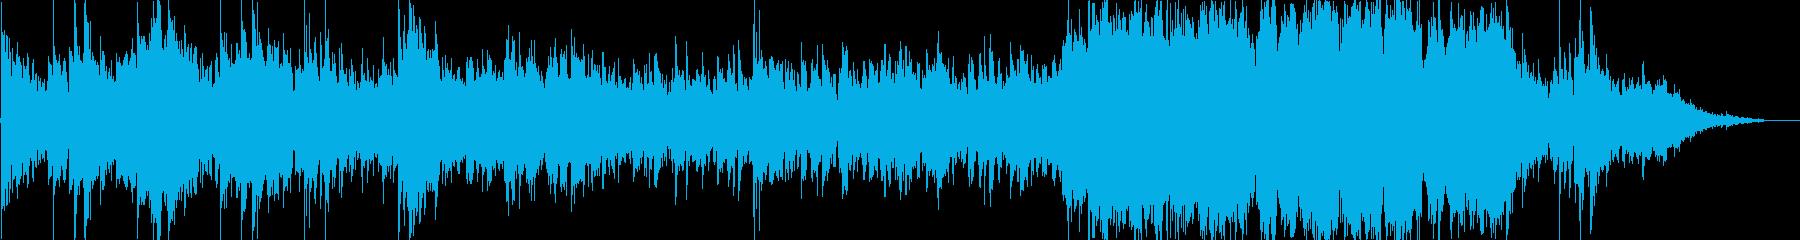 ゲームのボスバトルの再生済みの波形